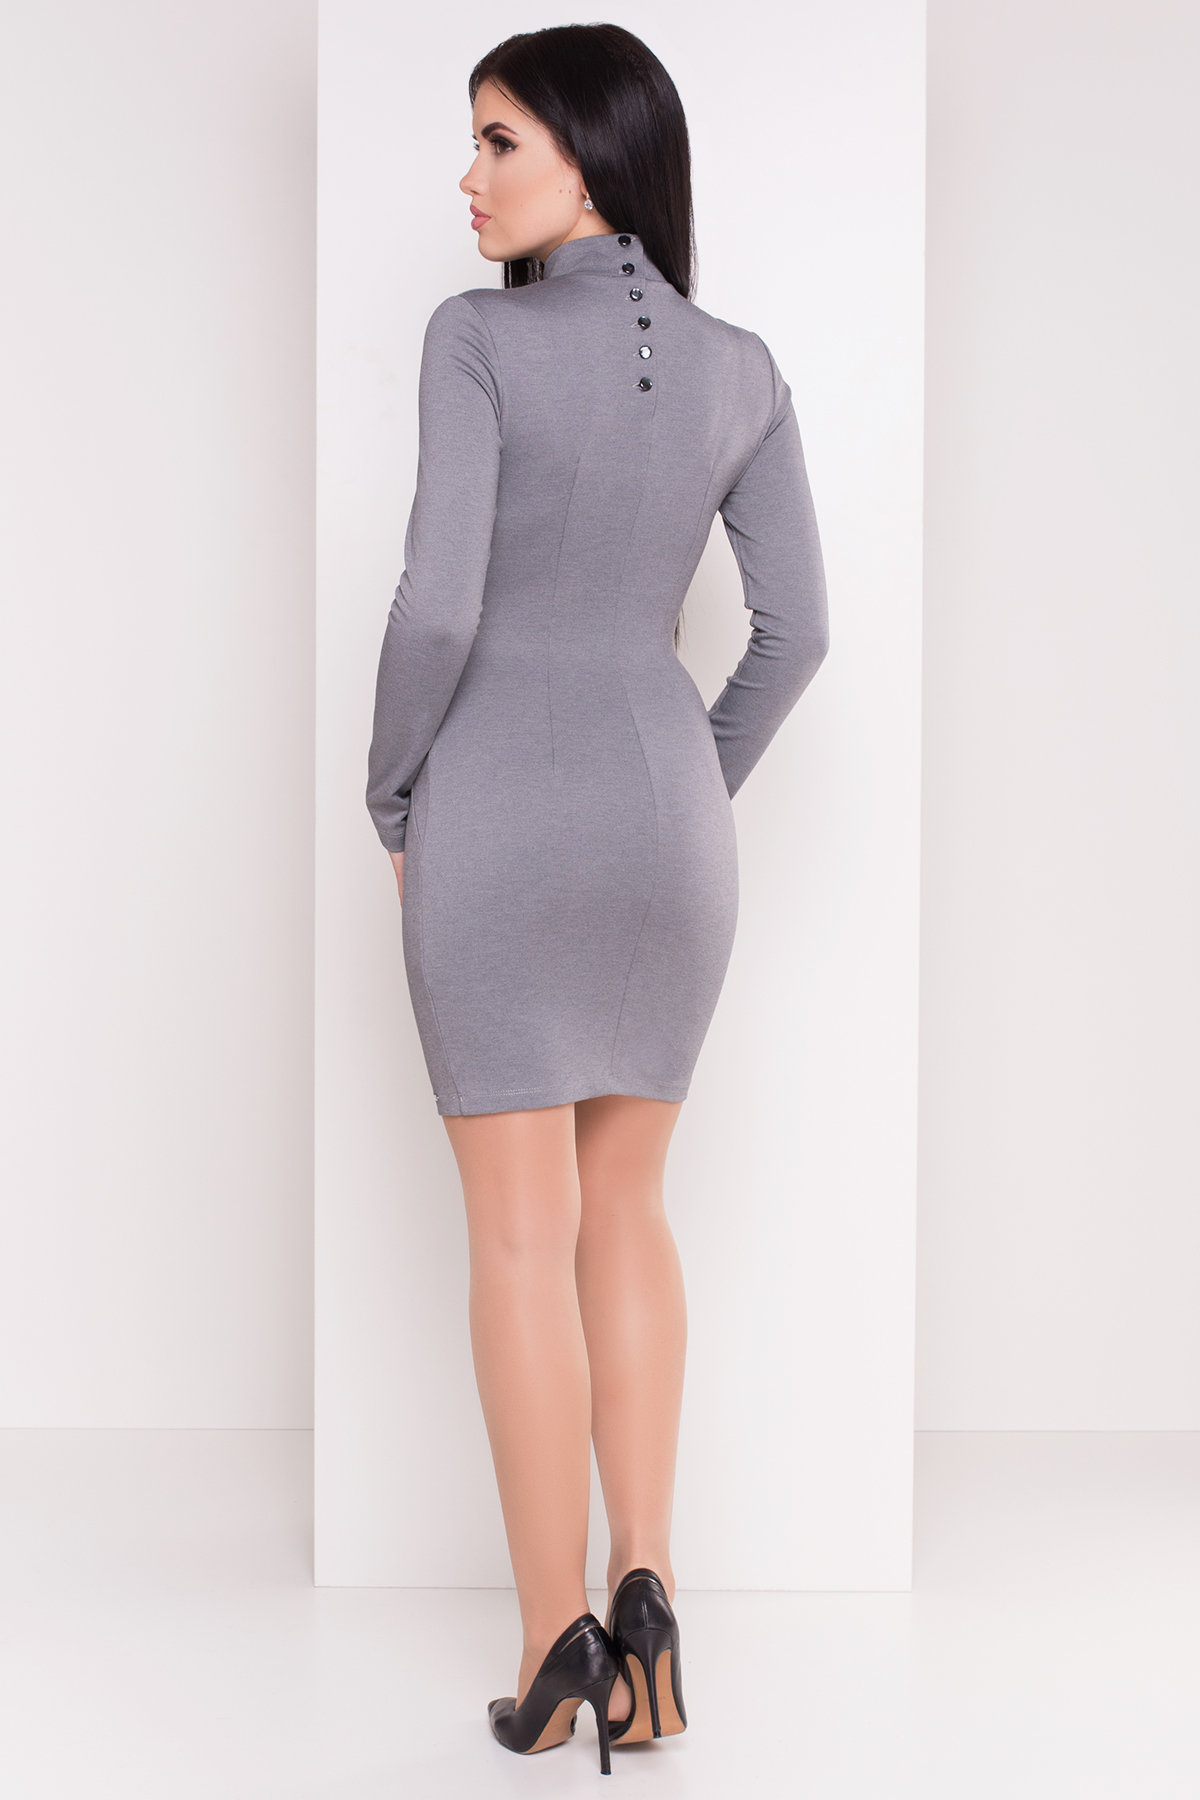 Платье Терция джерси АРТ. 6974 Цвет: Серый - фото 3, интернет магазин tm-modus.ru